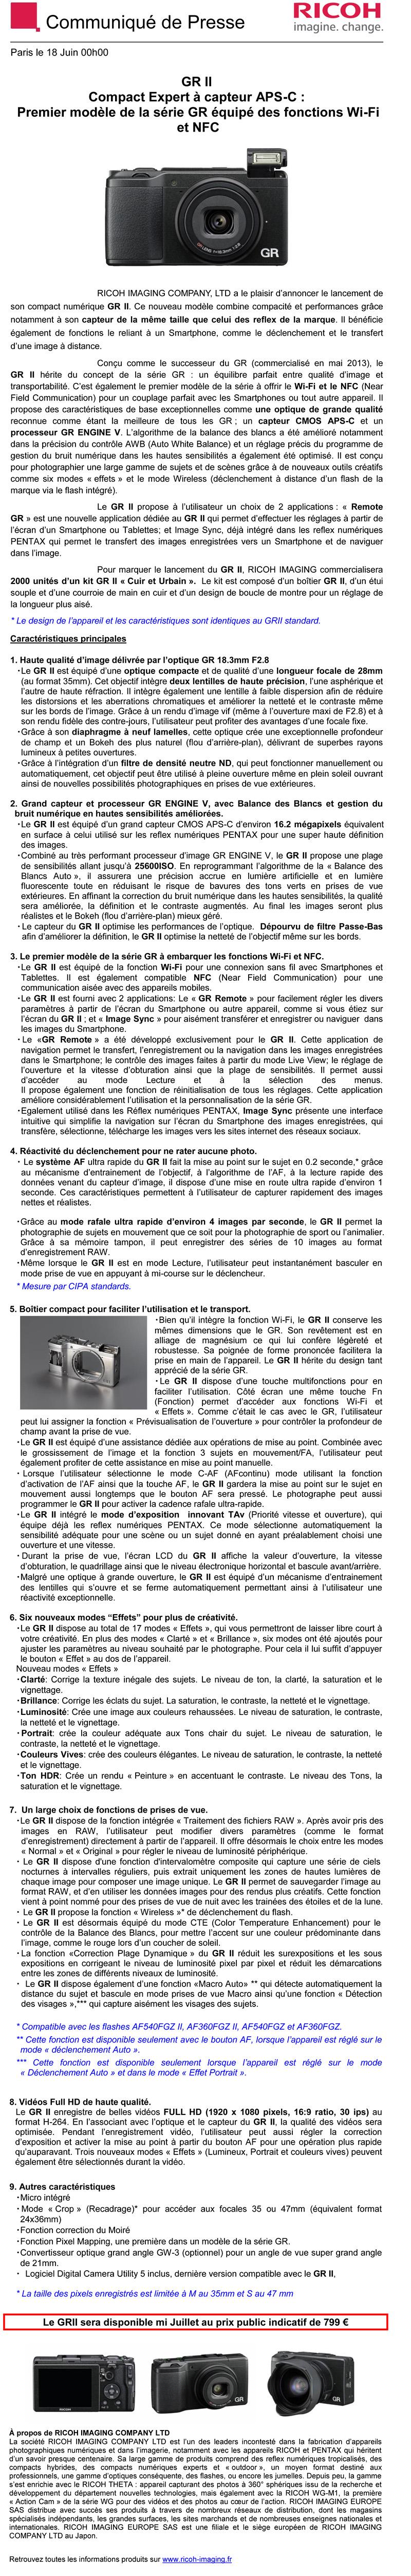 PENTAX RICOH IMAGING - Communiqué de Presse 18/06/2015 - GR II QwHFrX